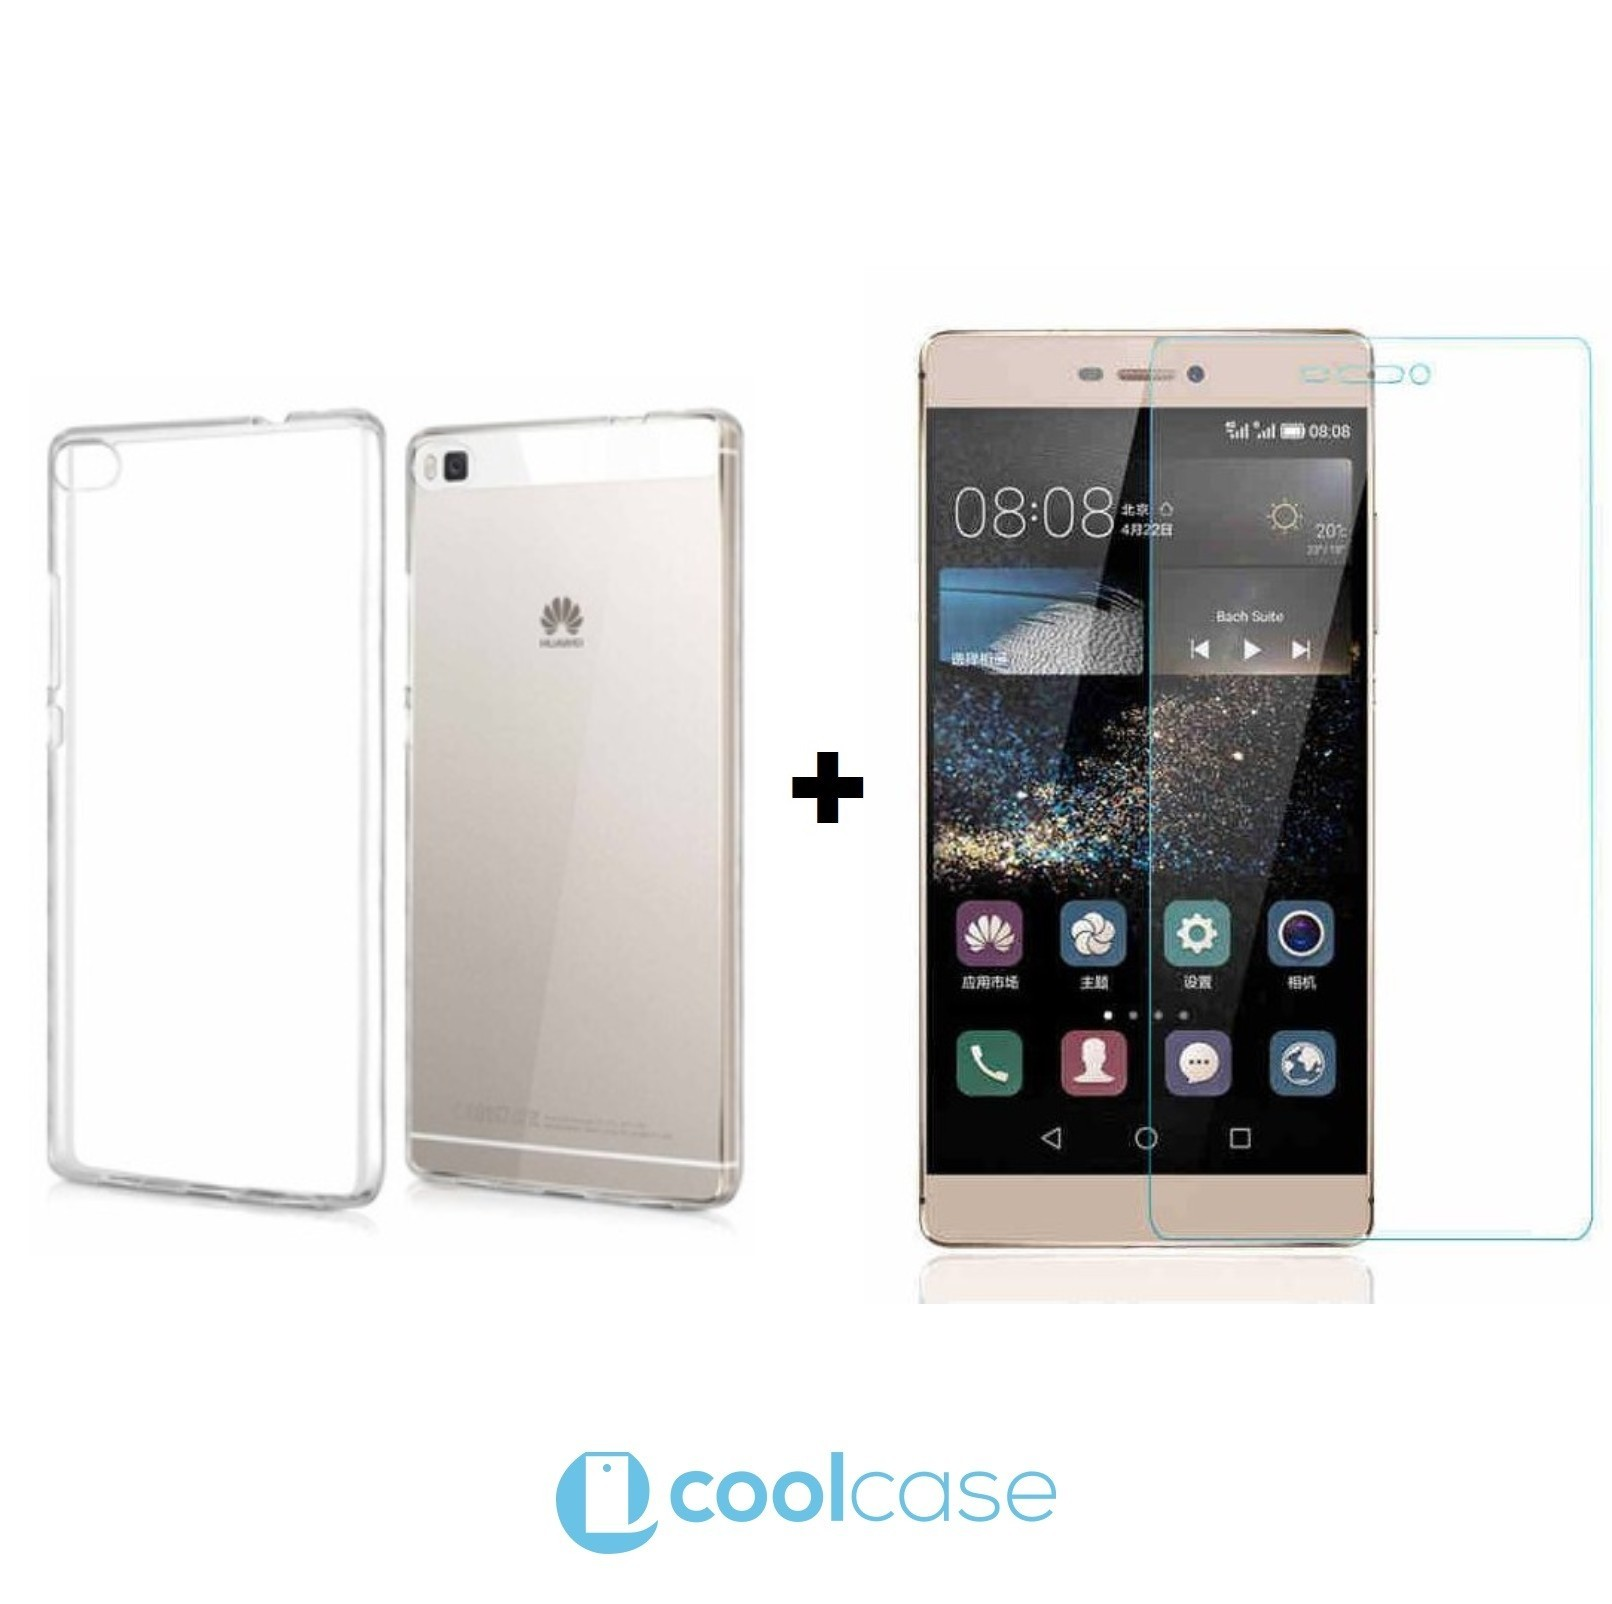 Kompletní ochrana mobilu Huawei P8 Lite - silikonové pouzdro + ochranné sklo (Kompletní ochrana mobilního telefonu Huawei P8 Lite - tvrzené ochranné sklo a čiré silikonové pouzdro)